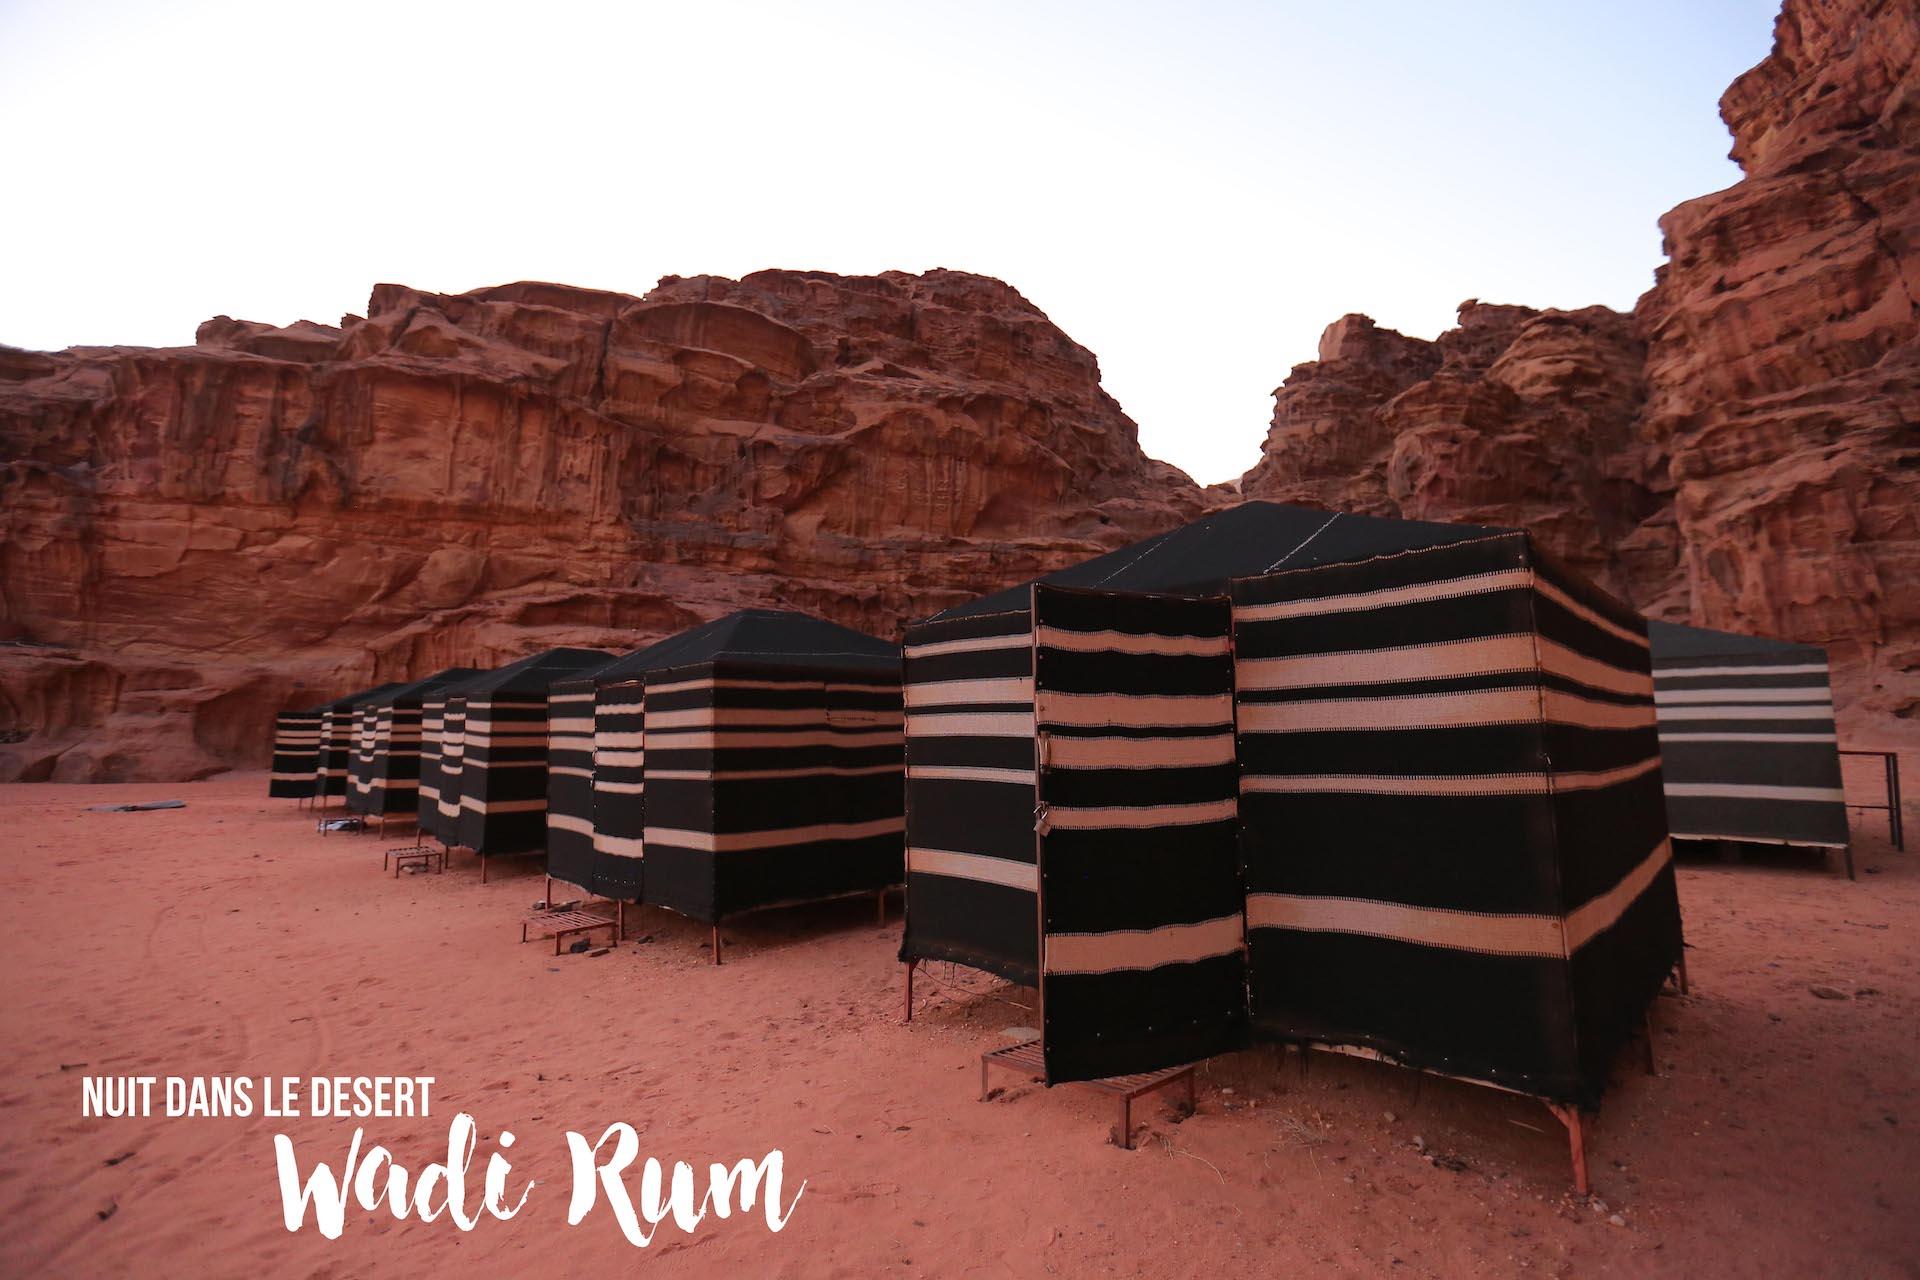 ItinéraireVoyage Les D'une Semaine Met En JordanieOn Voiles RjL3q54A